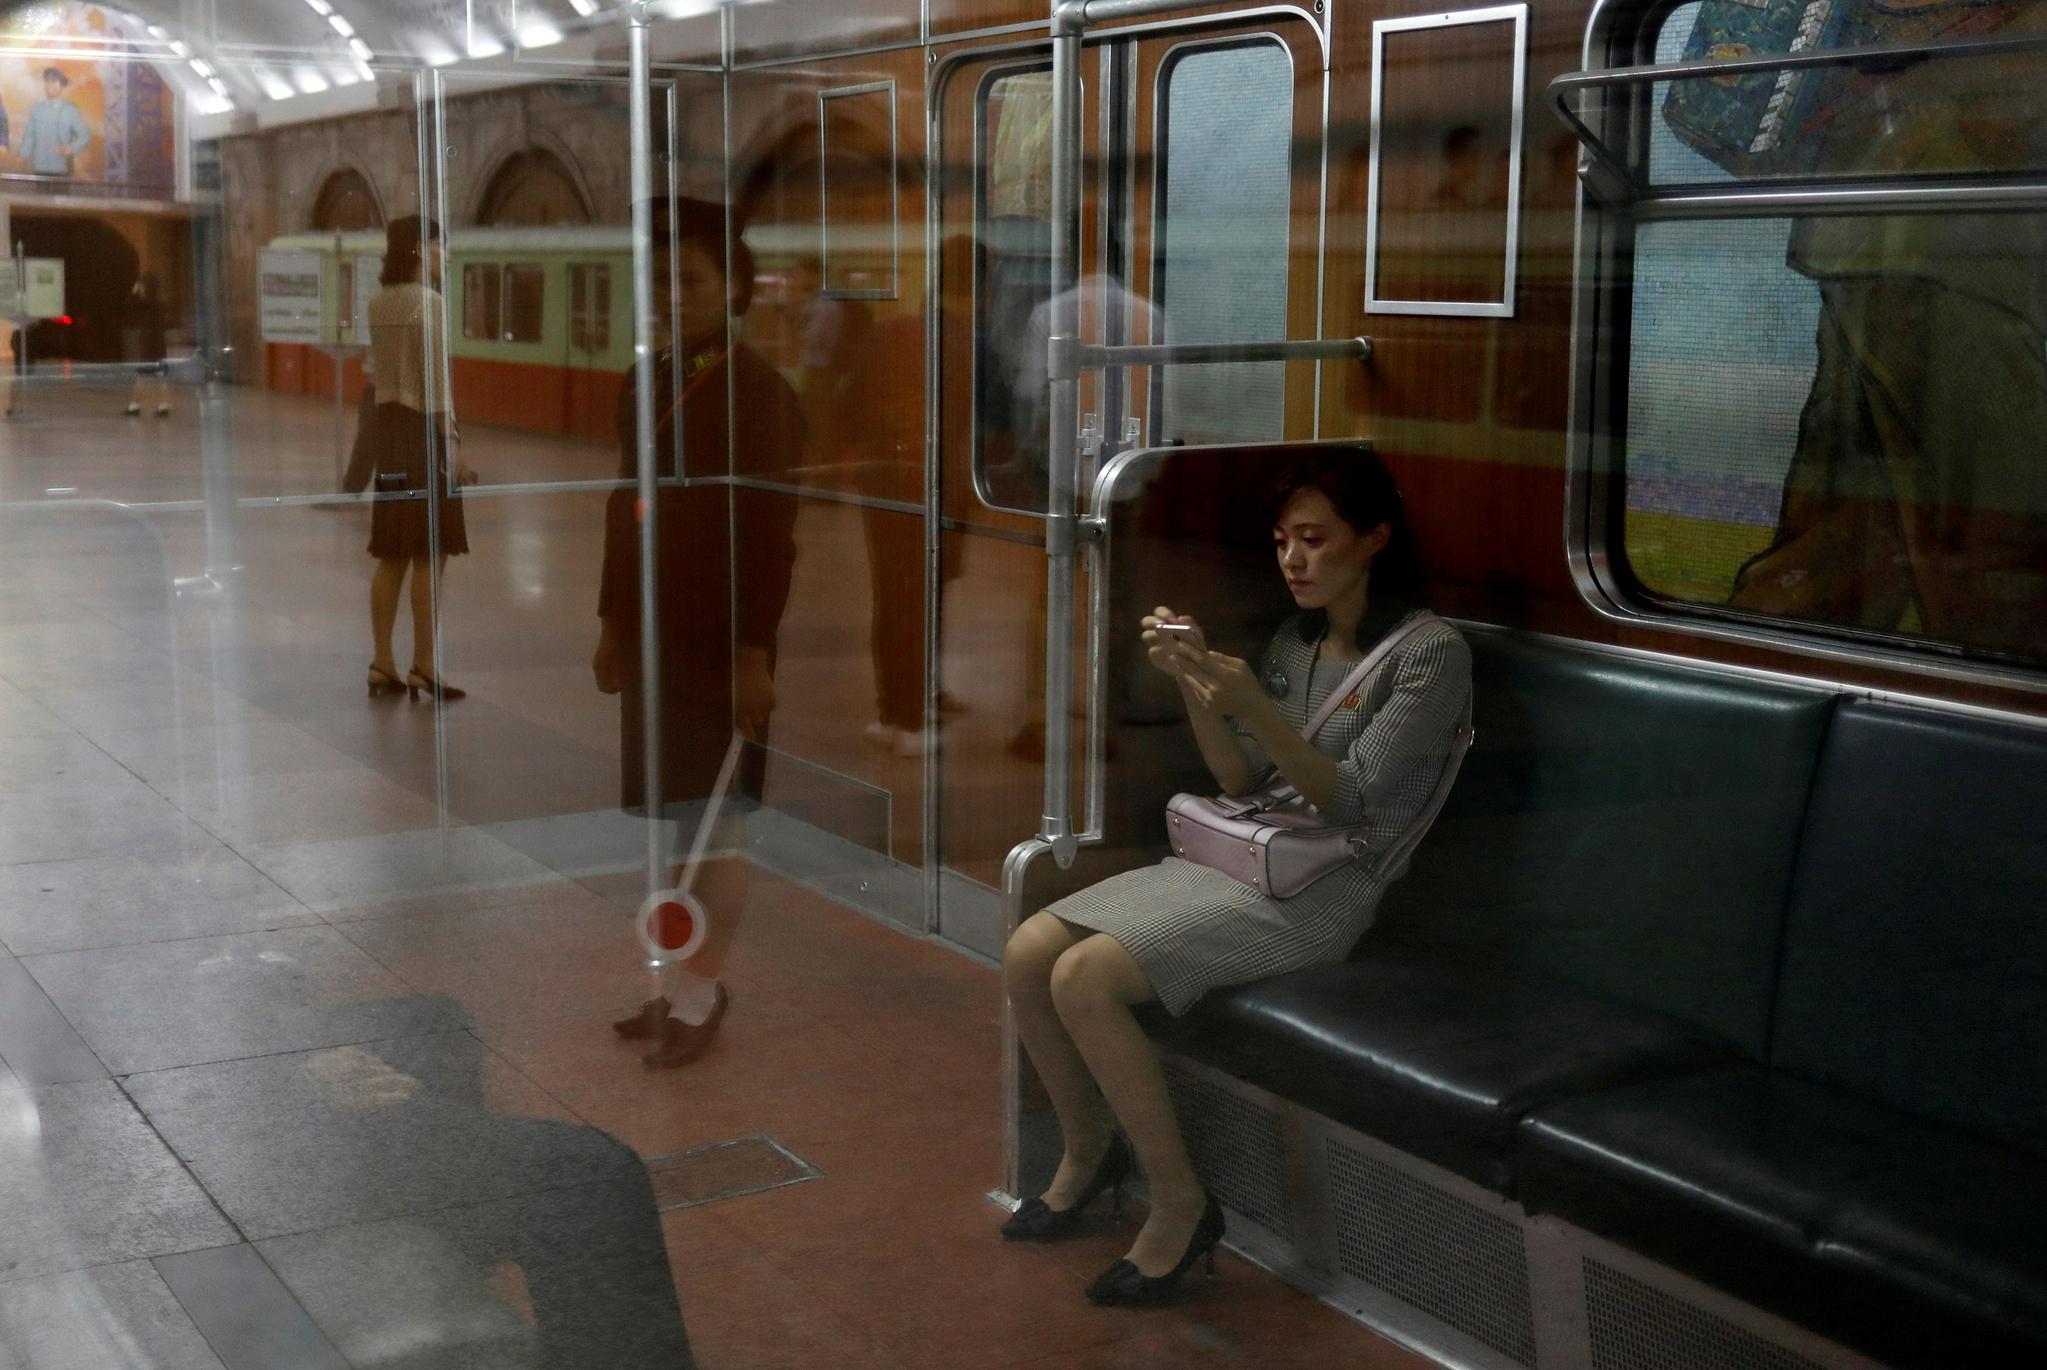 한 북한 여성이 11일 평양역 지하철에 앉아 있다. [로이터=연합뉴스]